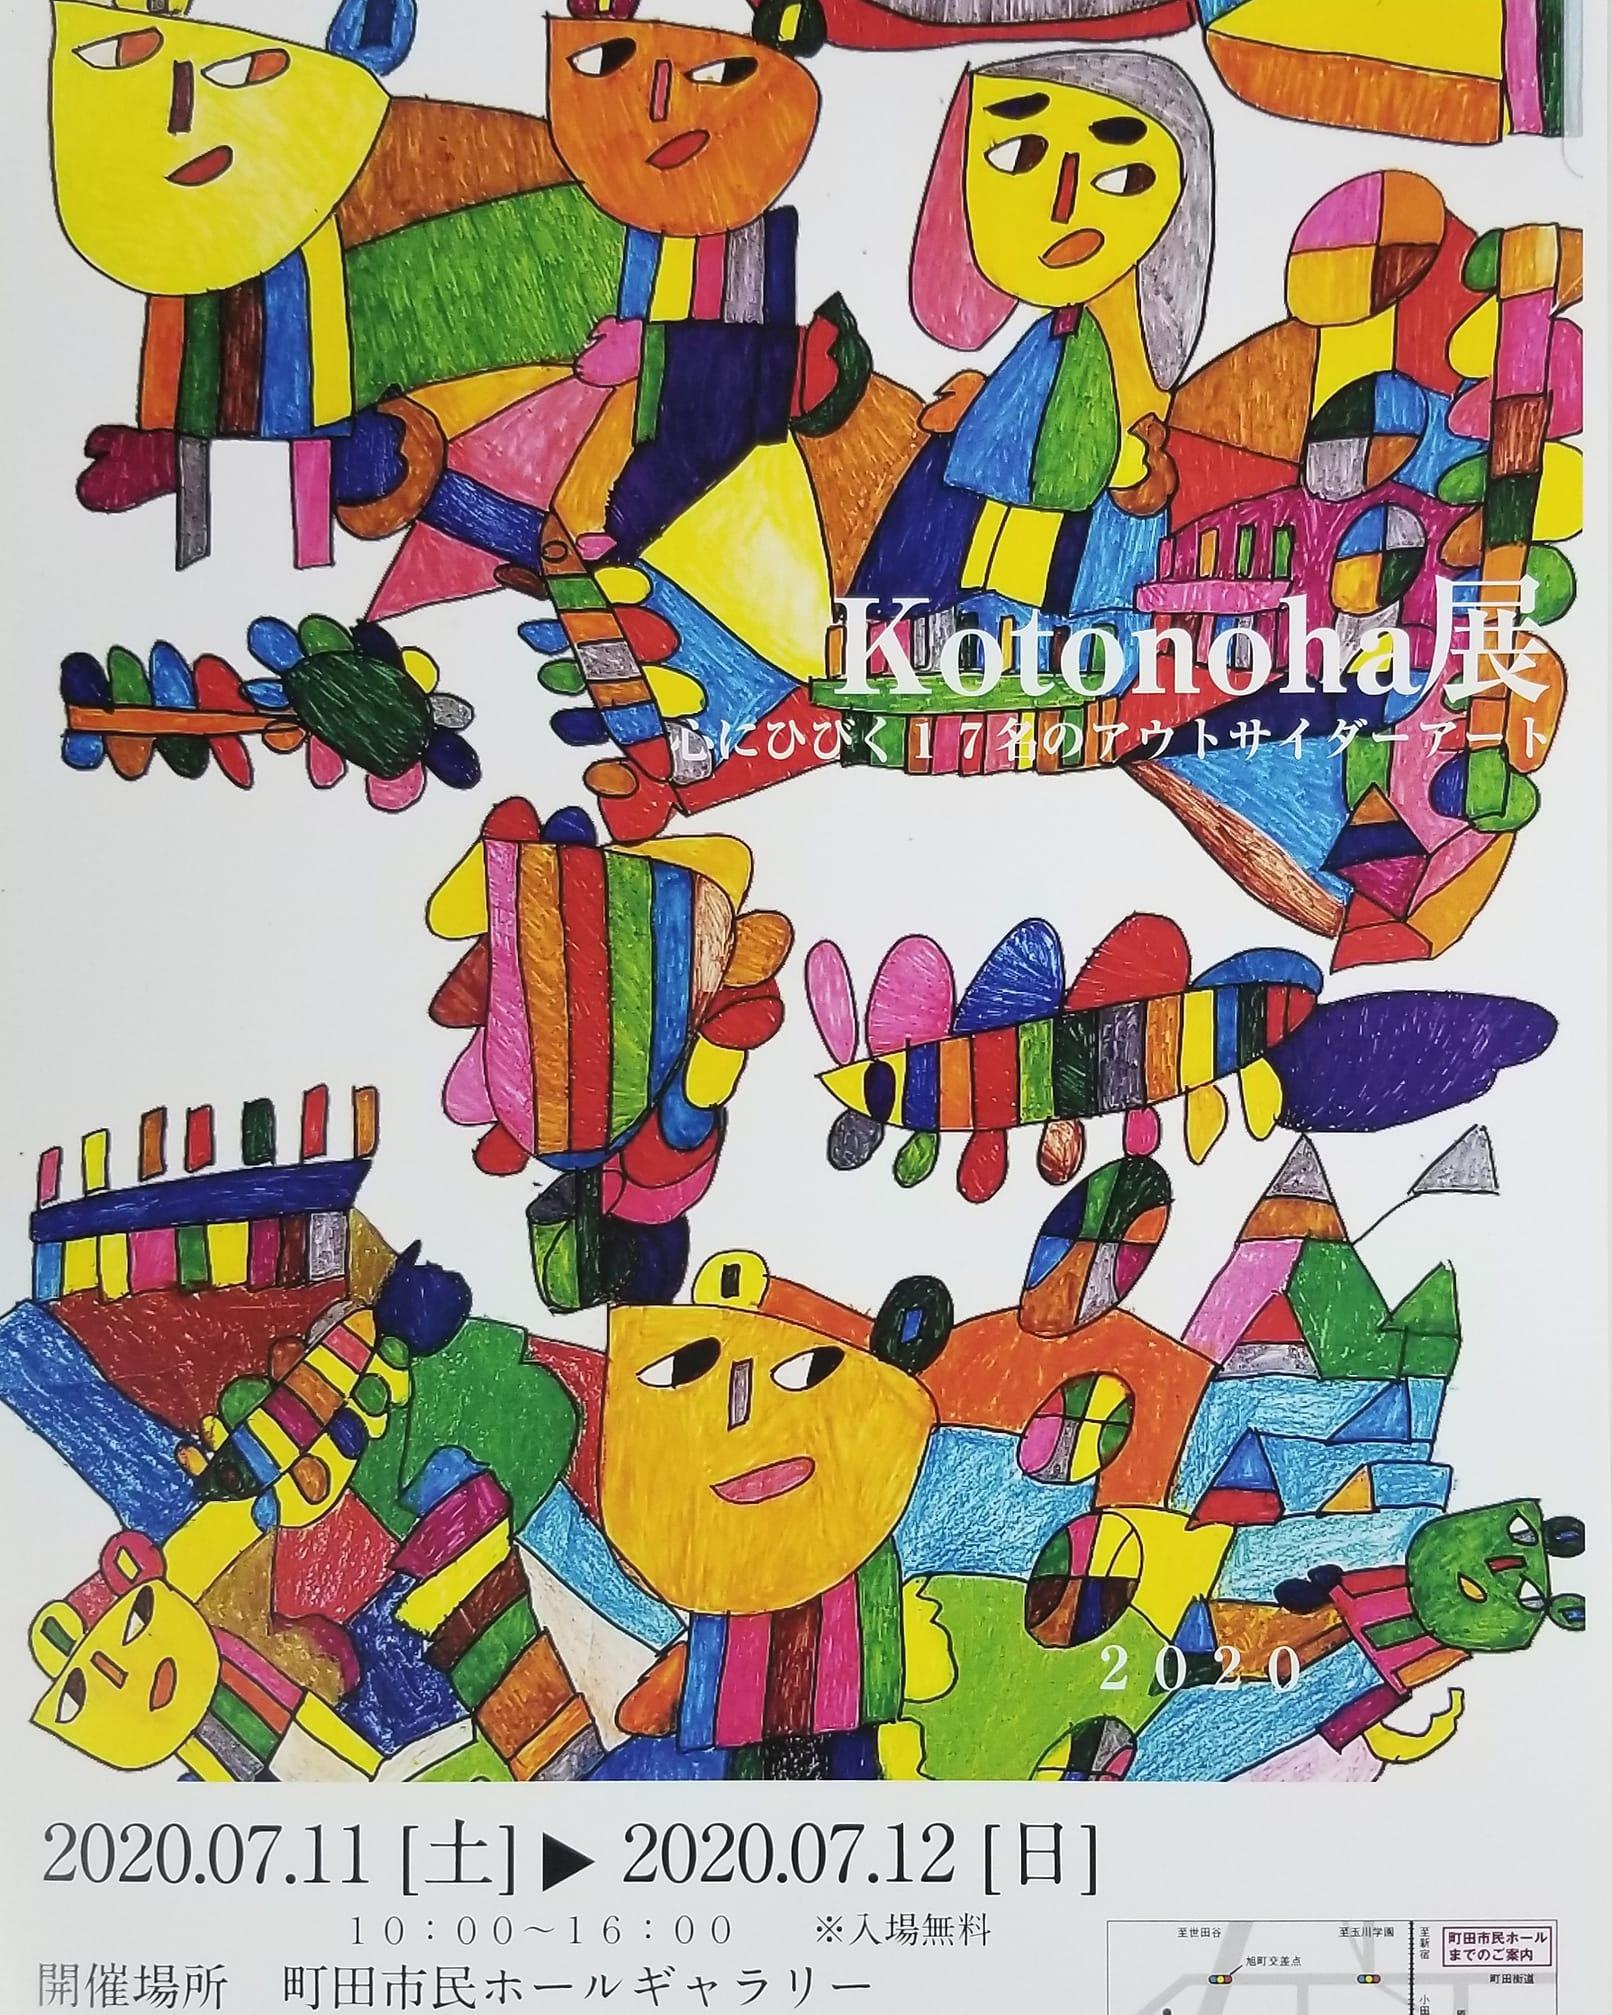 イメージ:Kotonoha展&絵画販売会